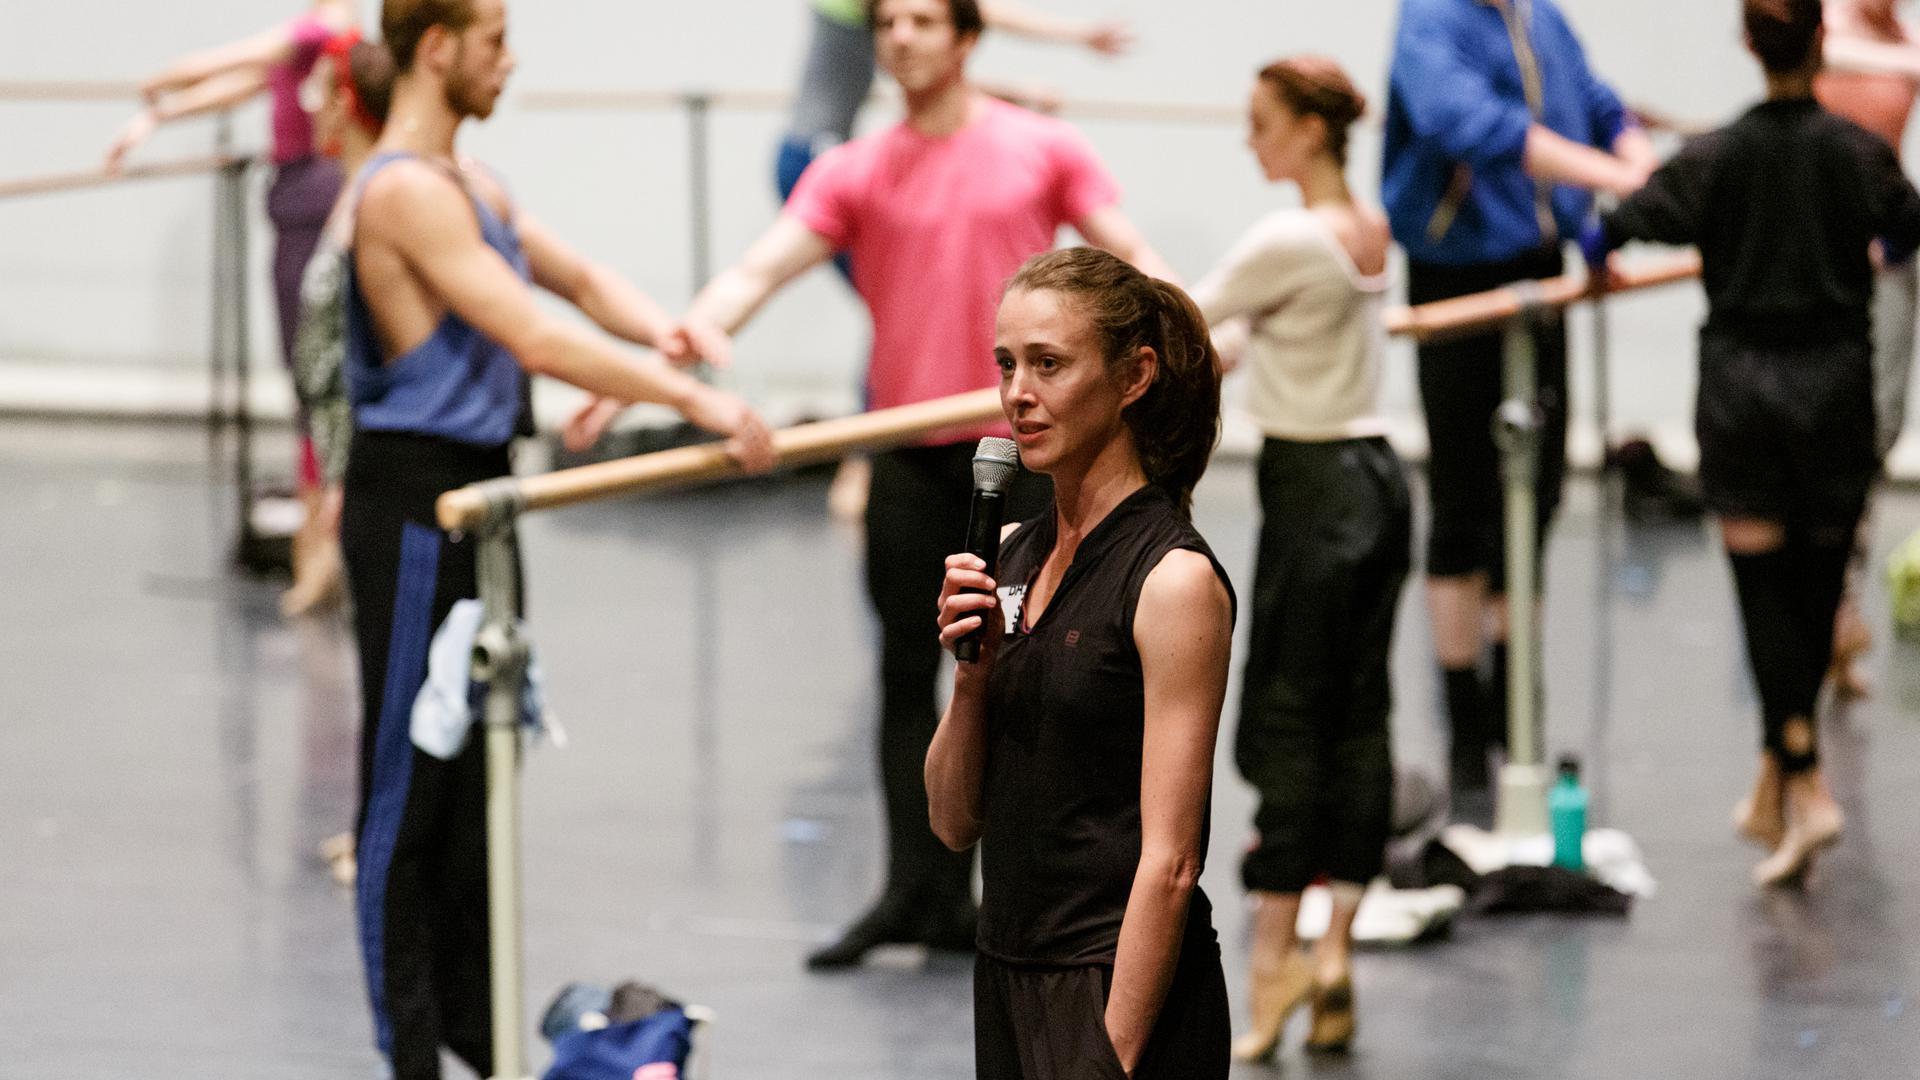 Bridget Breiner, Ballettdirektorin am Staatstheater Karlsruhe ab 2019/20, bei der Probenarbeit im Ballettsaal.